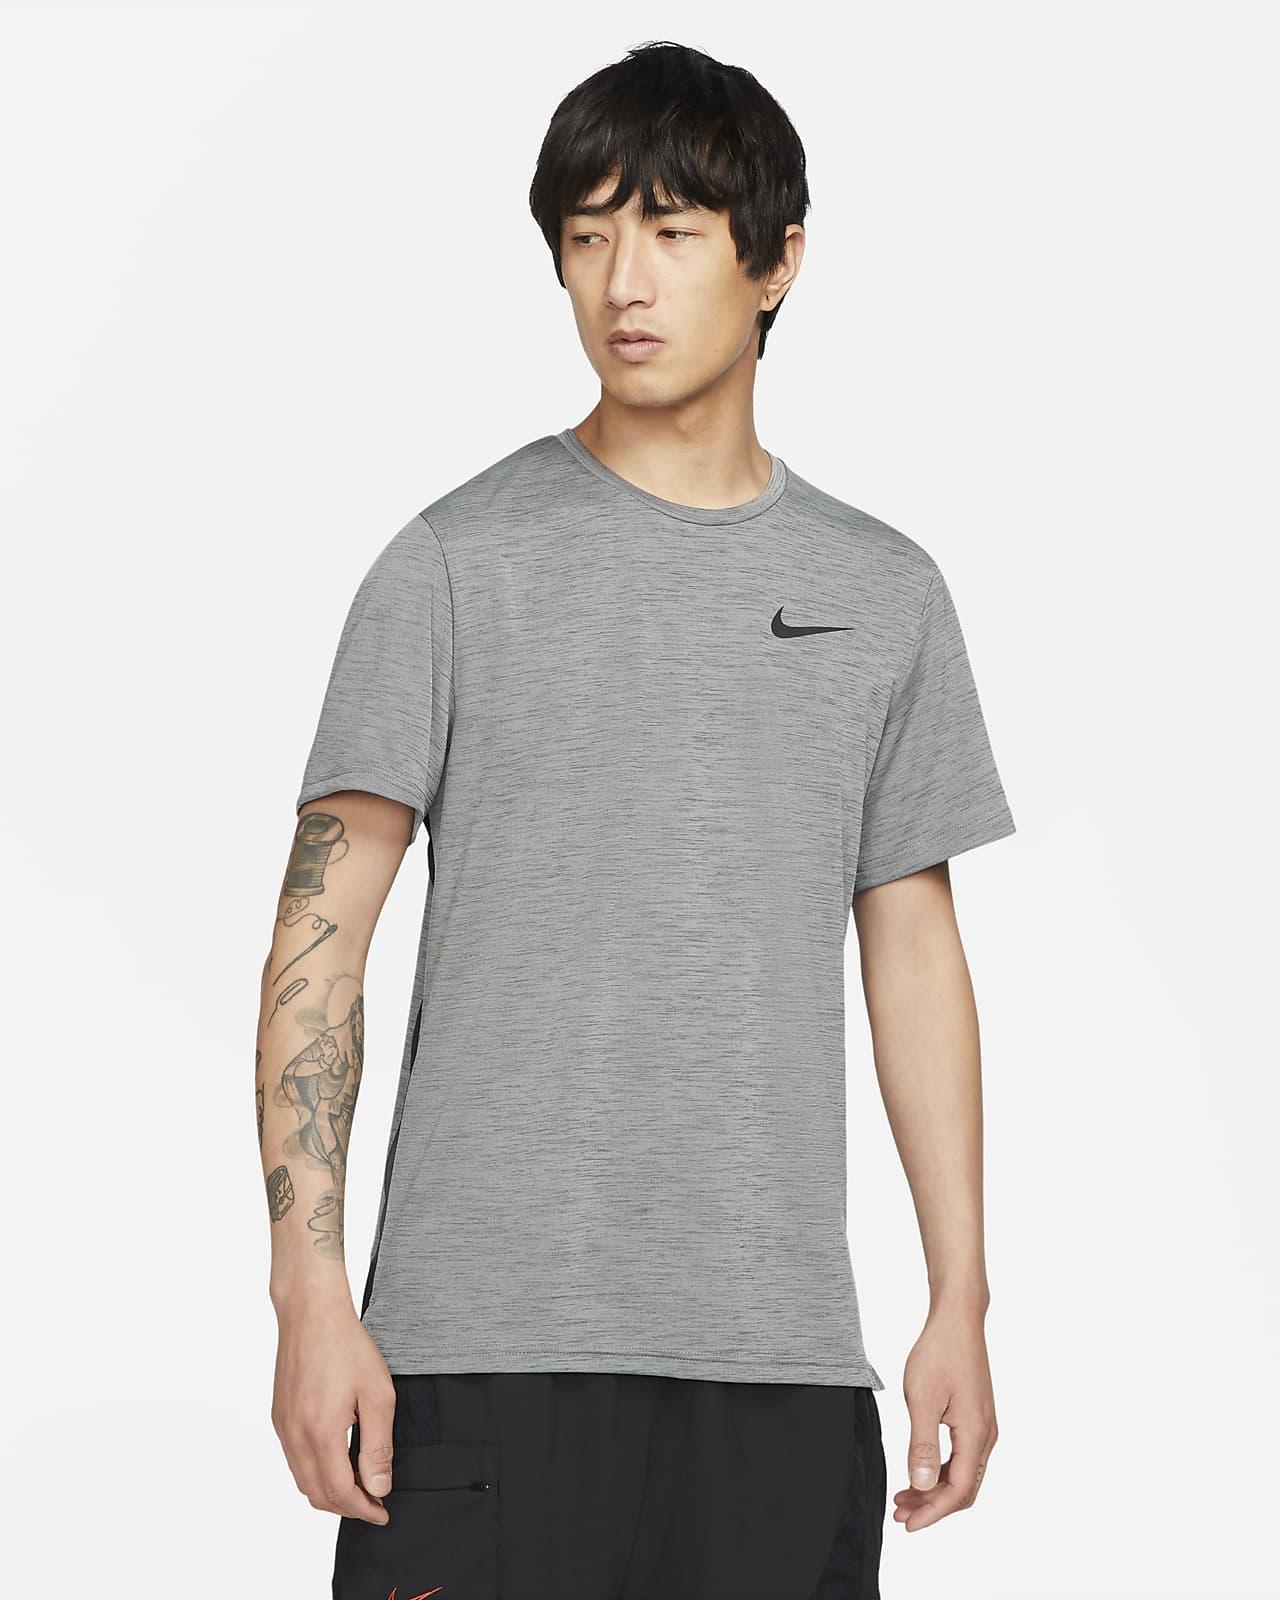 Nike rövid ujjú férfifelső